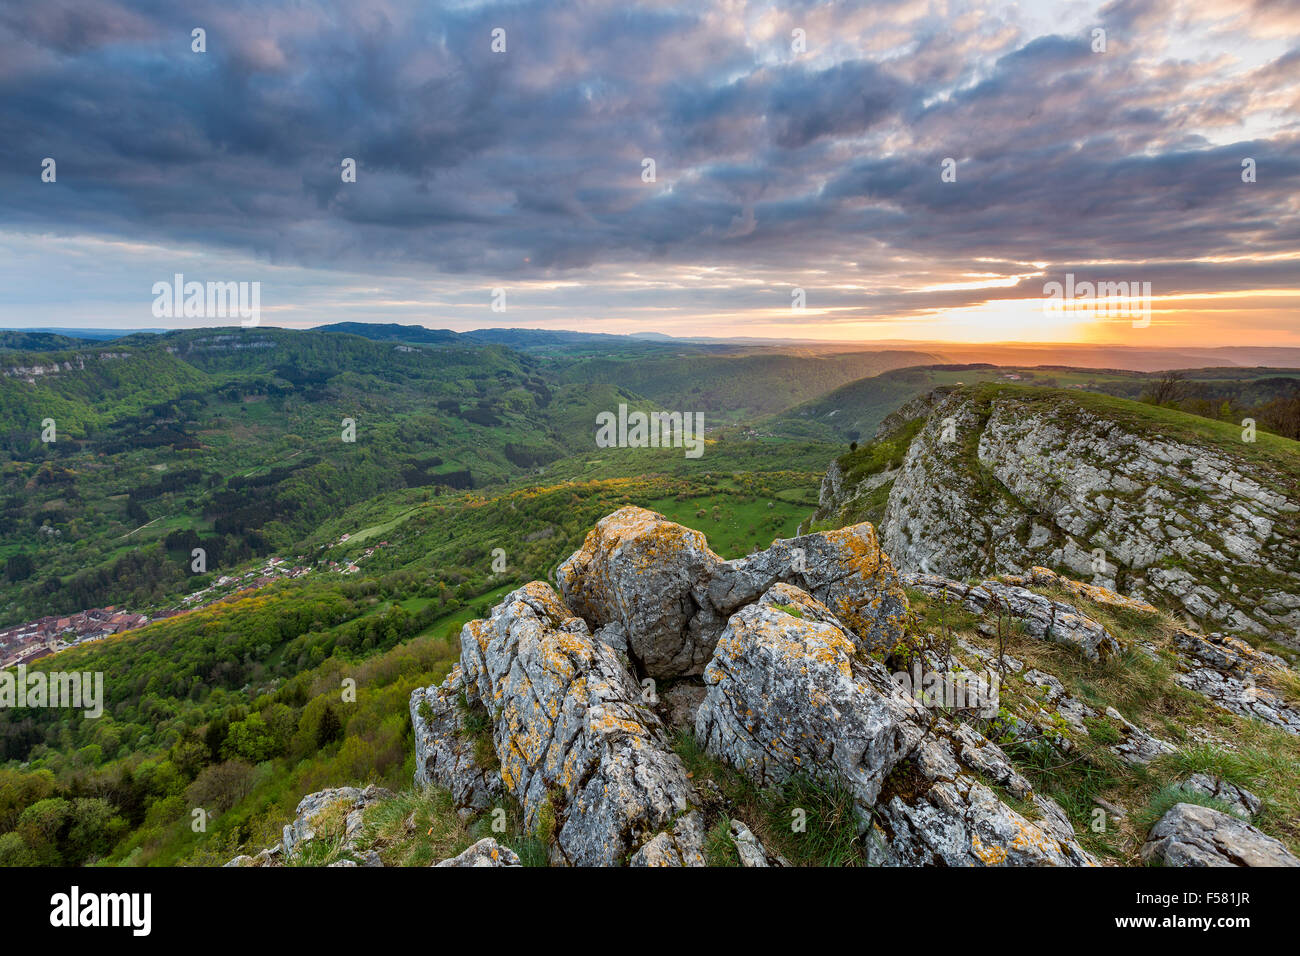 La vallée de la Loue, Mouthier-Haute-Pierre, Doubs, Franche-Comté, France, Europe. - Stock Image